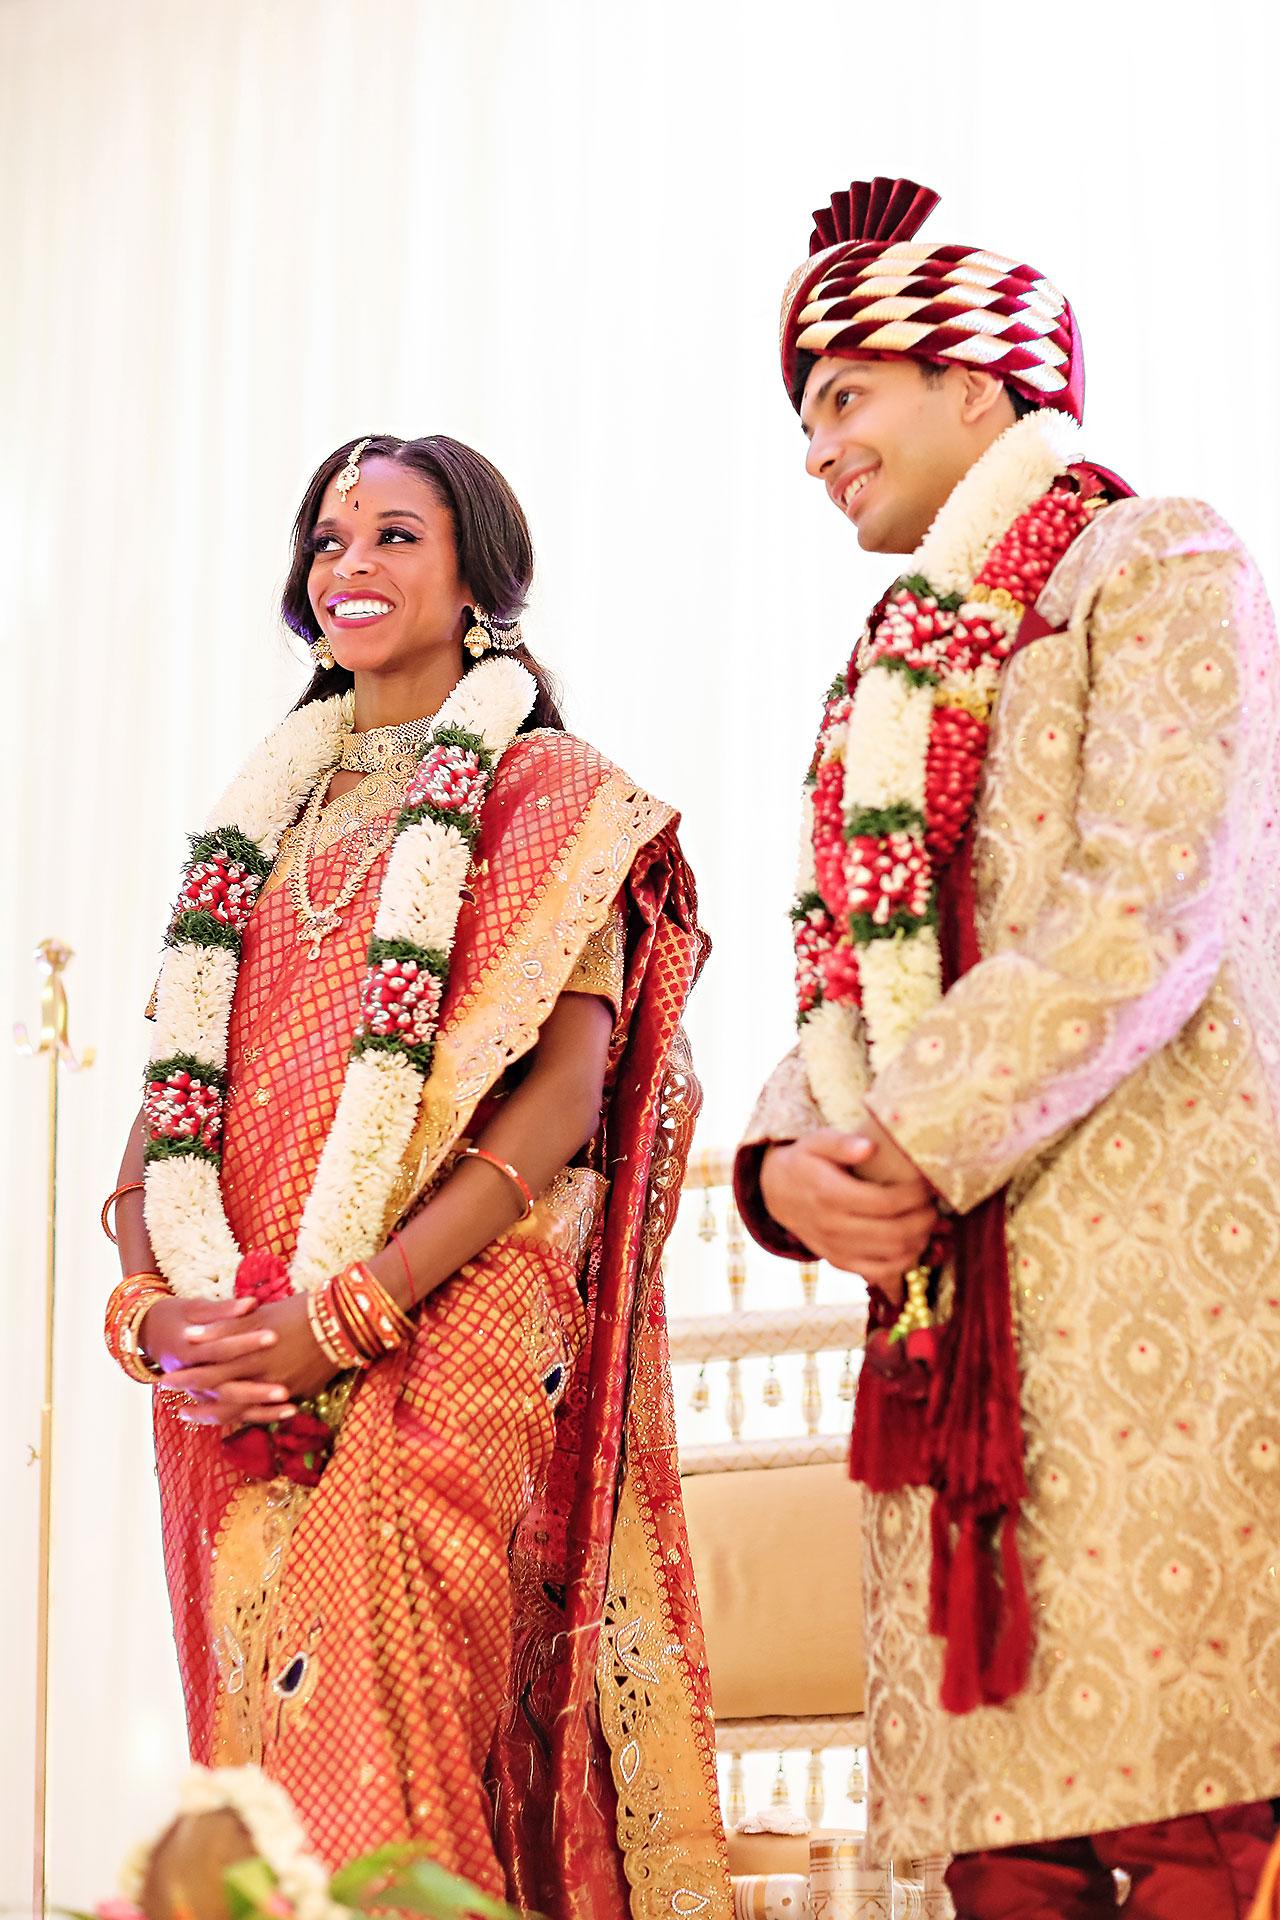 Joie Nikhil JW Marriott Indian Wedding 254